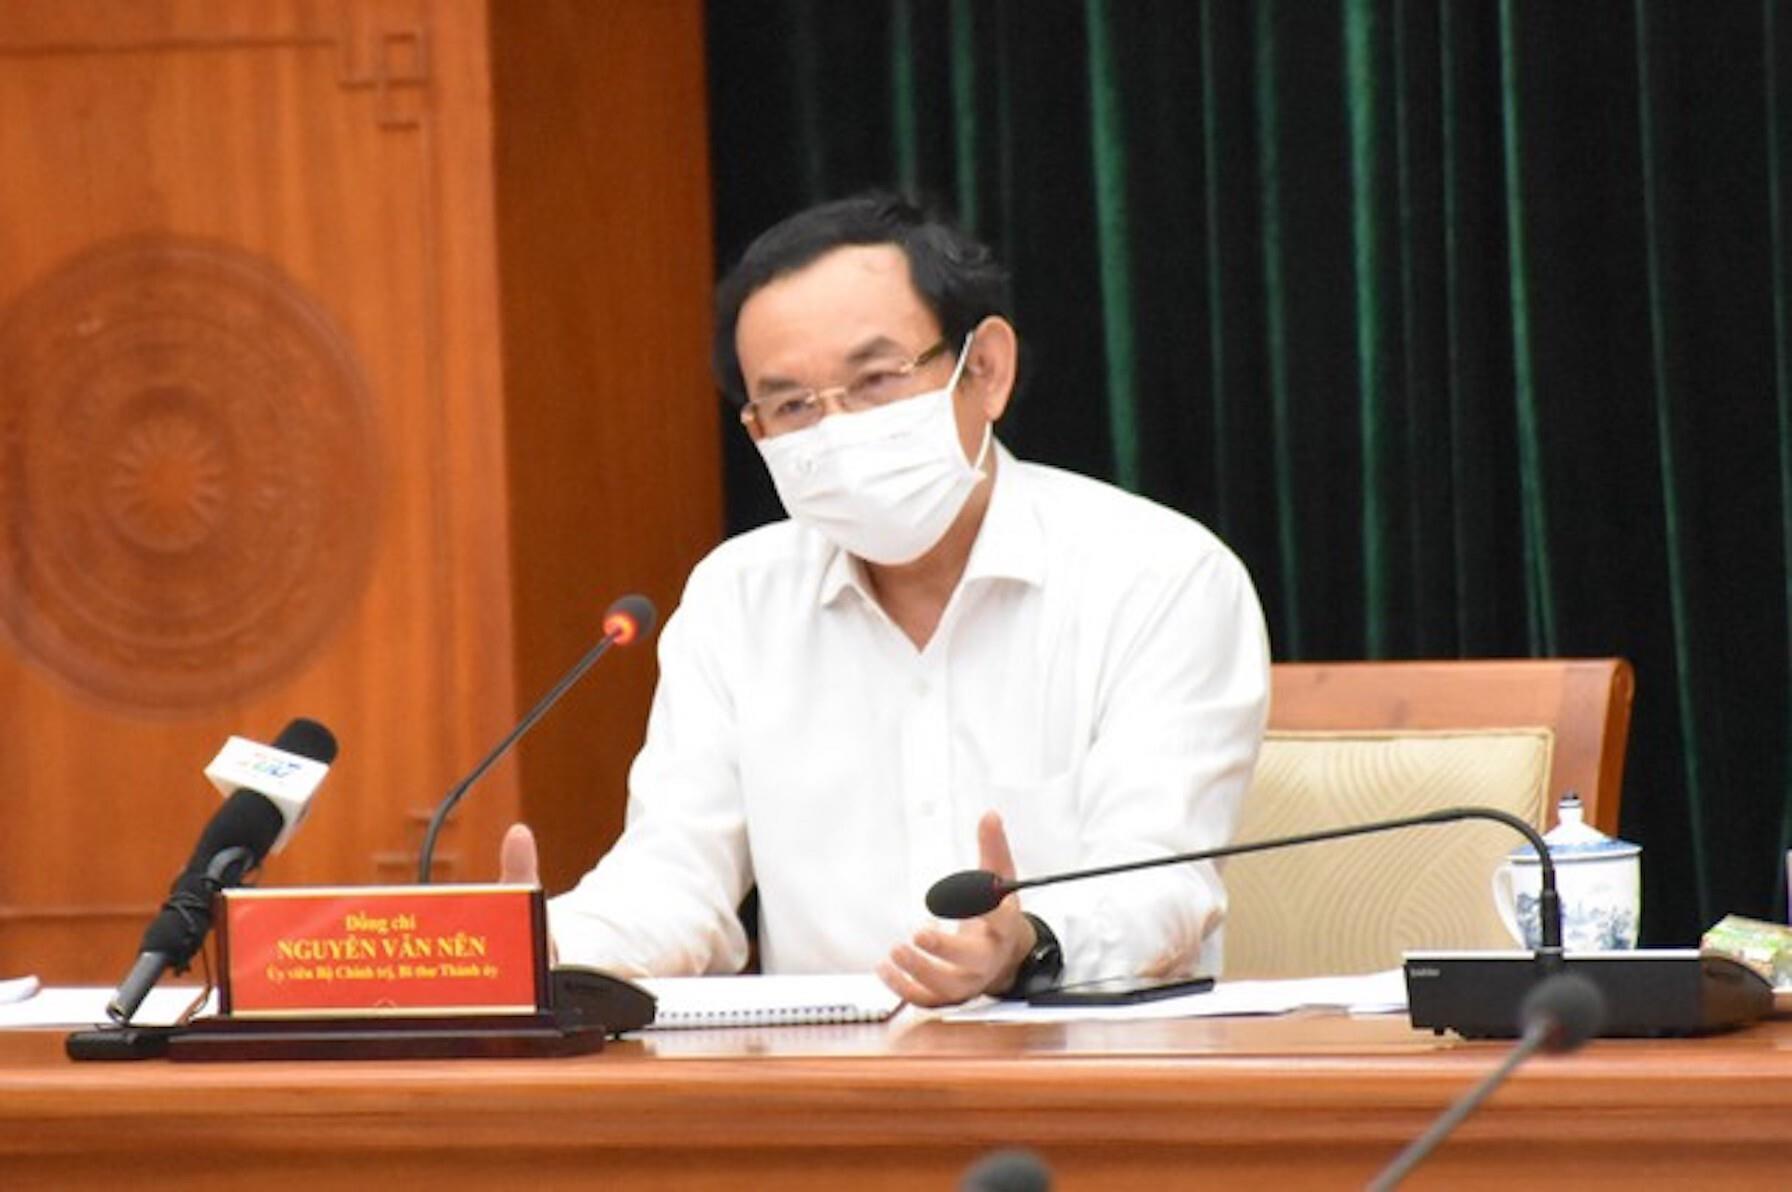 Ông Nguyễn Văn Nên: 'Đồng chí Tư Phong nói rất áy náy khi rời TP vào lúc này' - 2